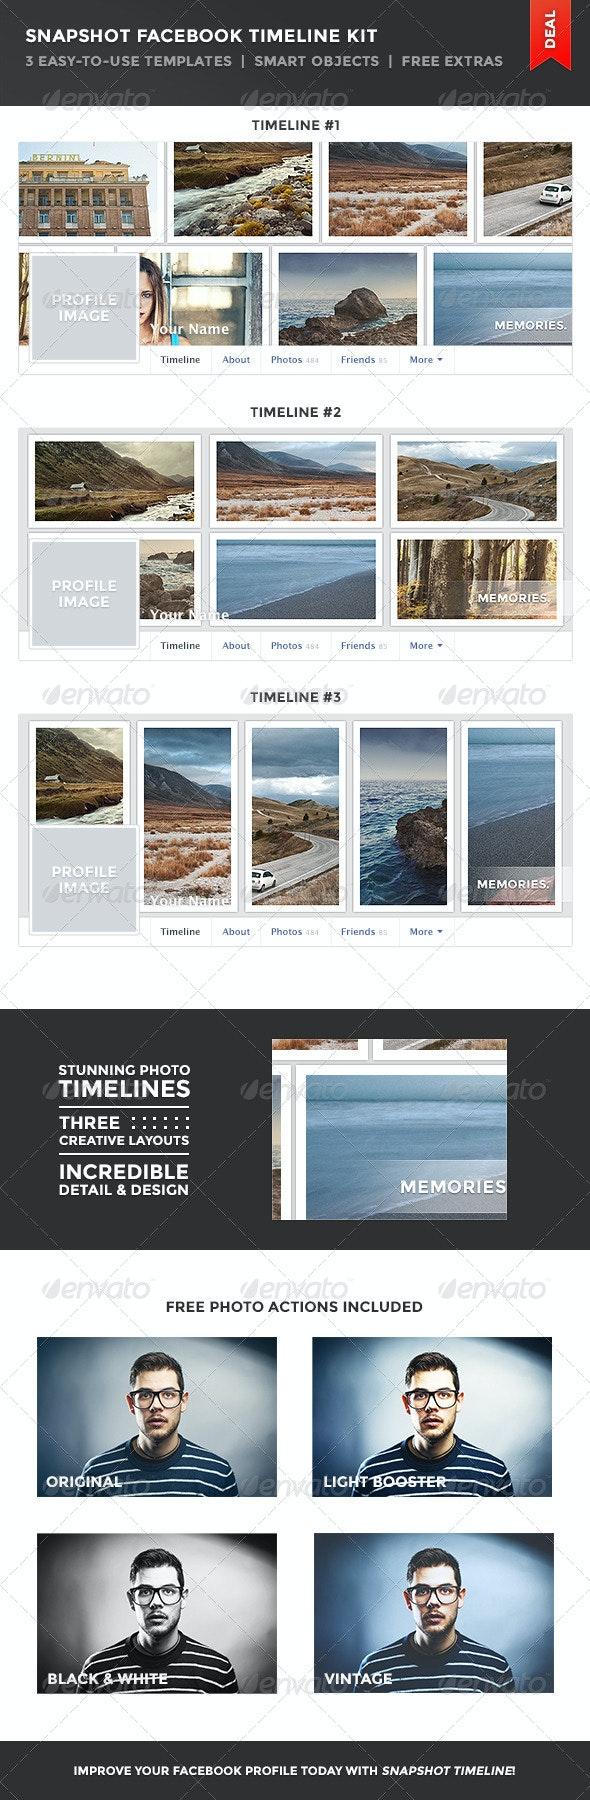 Snapshot Facebook Timeline Kit - Facebook Timeline Covers Social Media